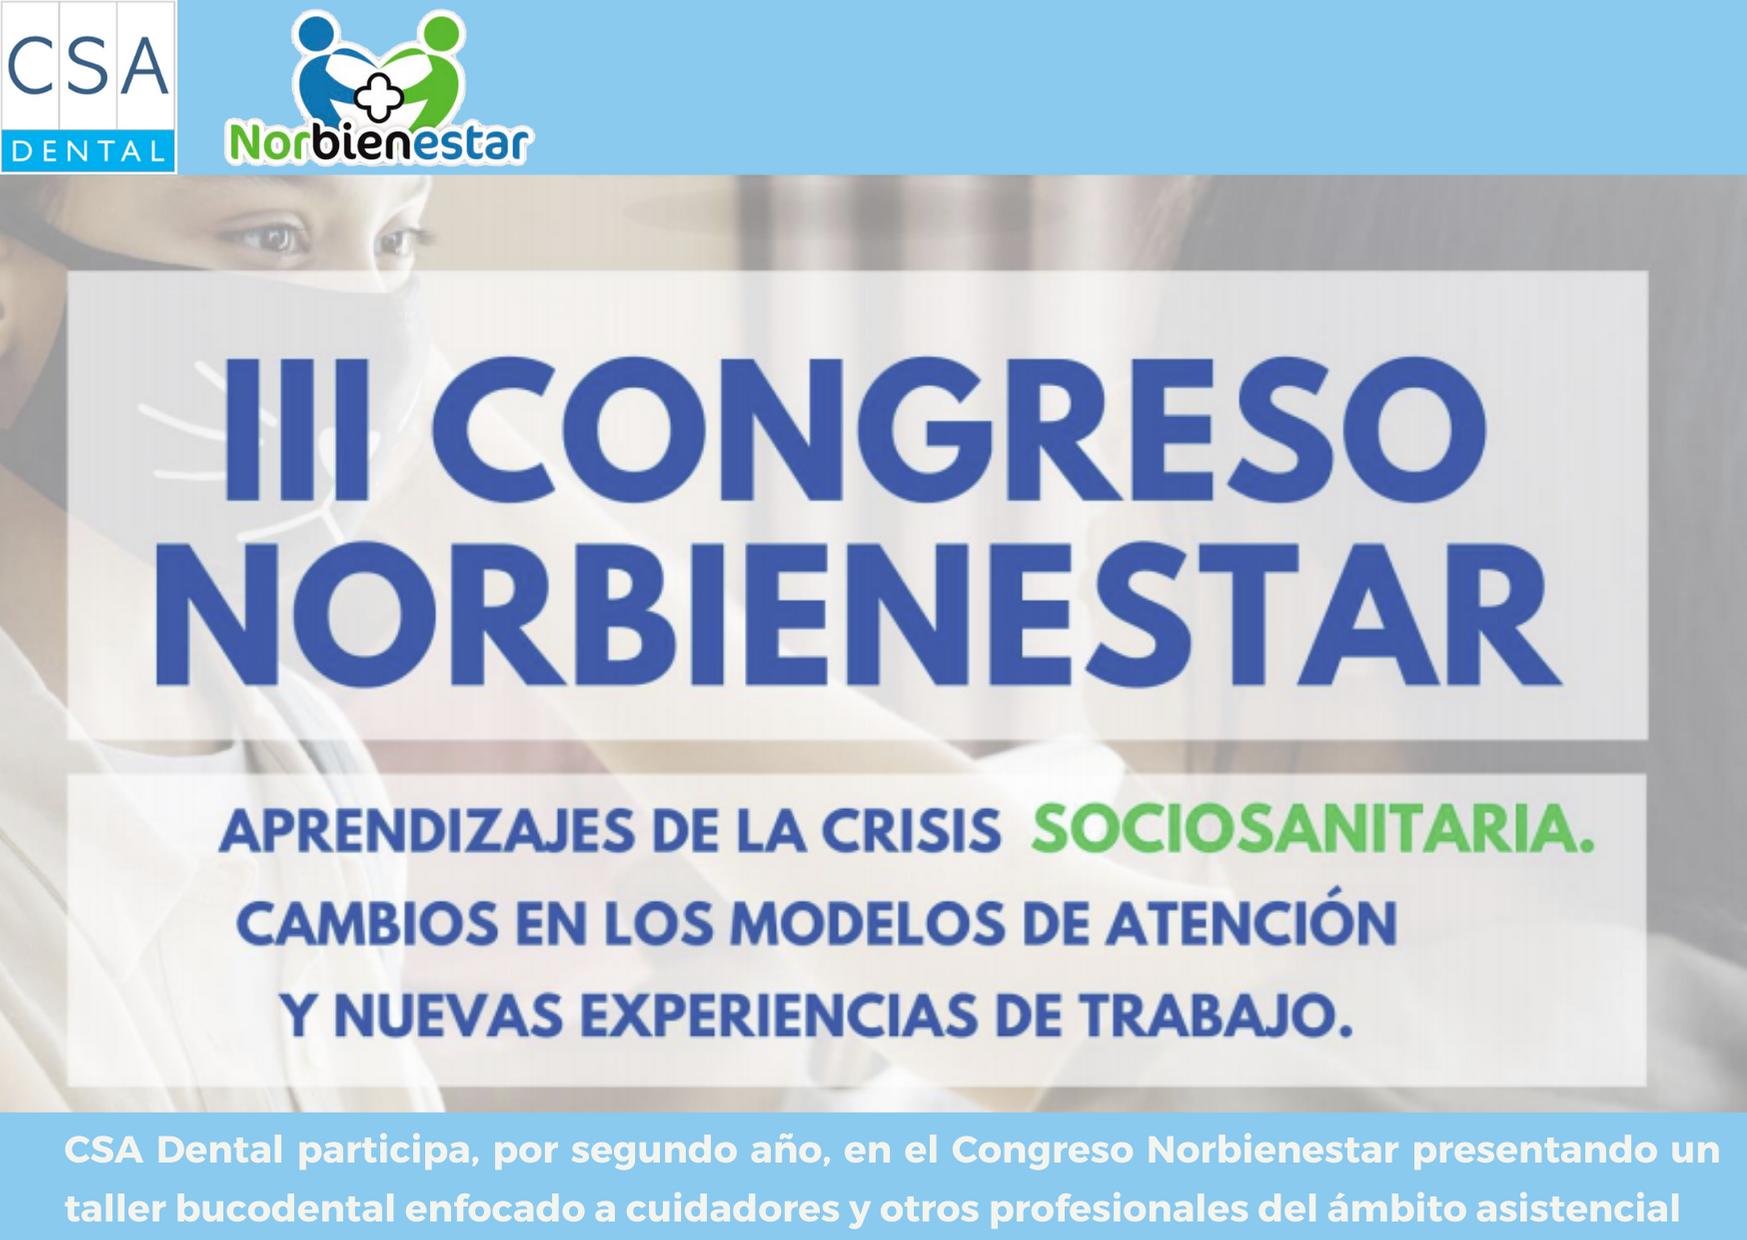 CSA Dental participa en el III Congreso Norbienestar